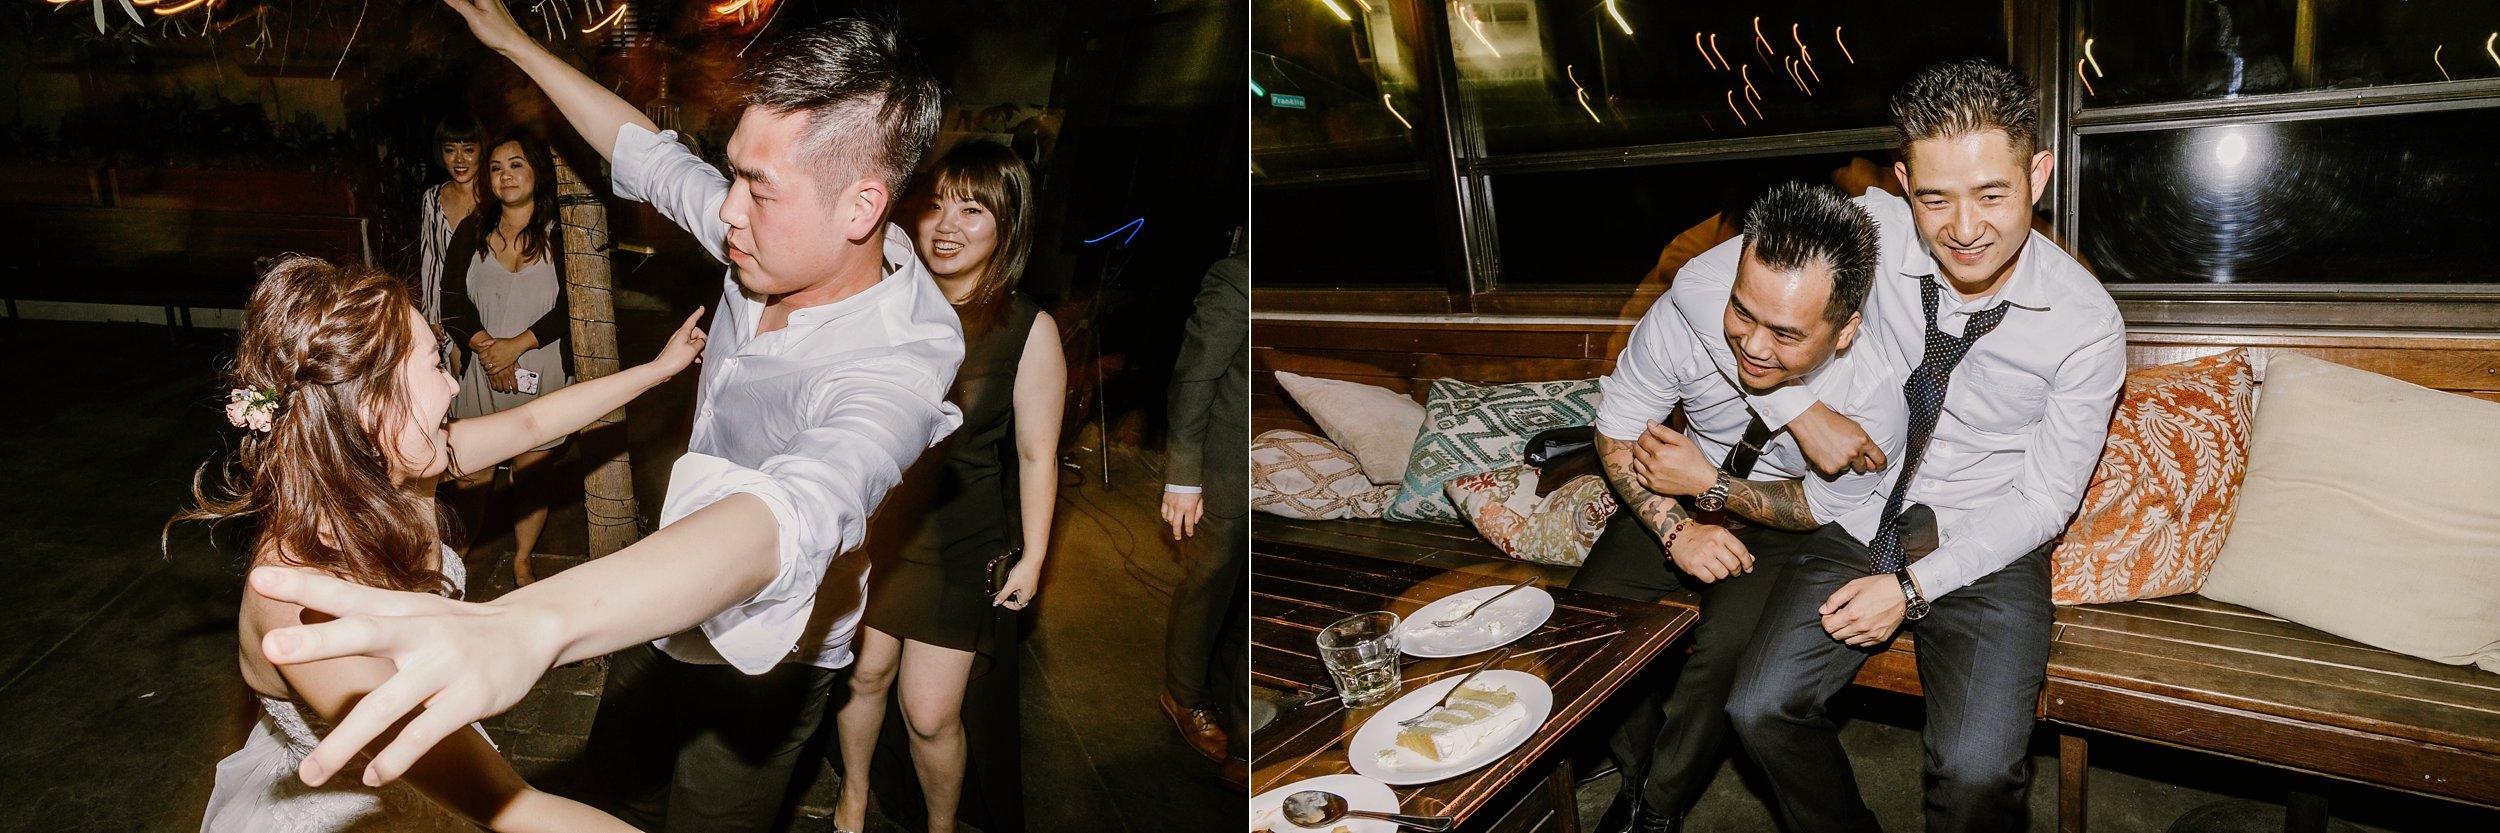 Madera Kitchen Los Angeles Wedding_0078.jpg